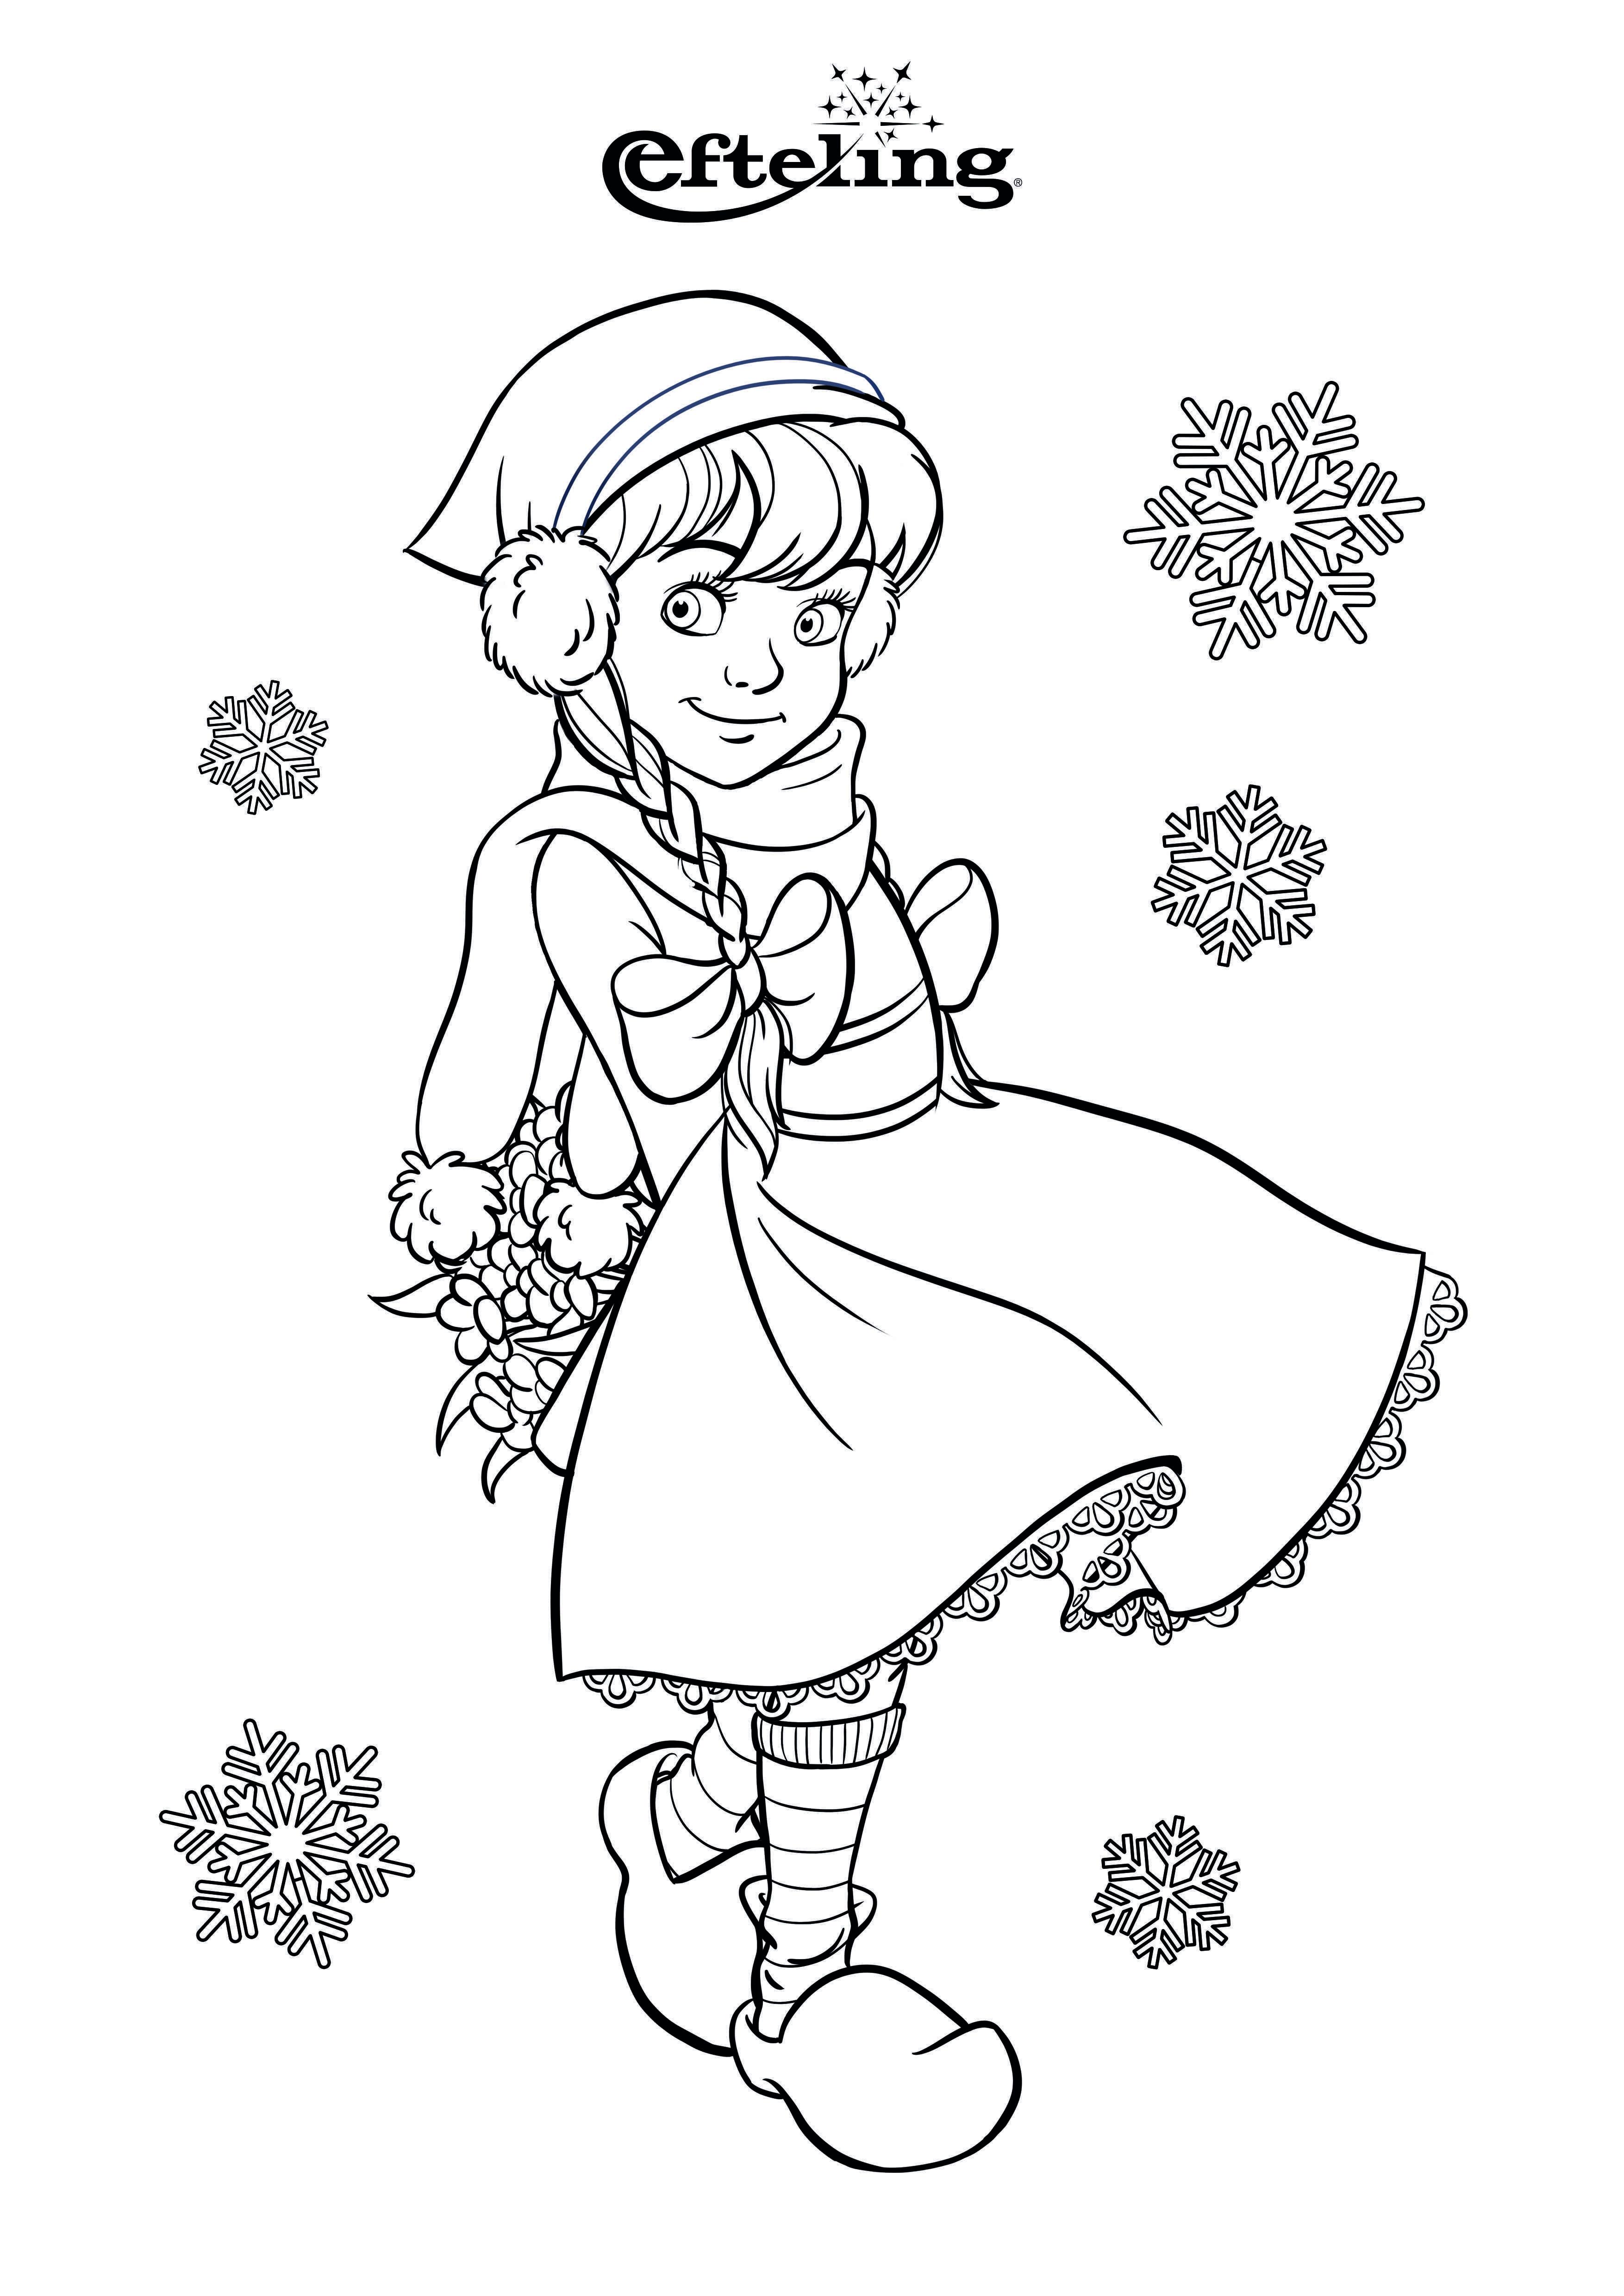 Efteling Kleurplaat Winter Roodkapje Fairy Tales Theme Buy Tickets